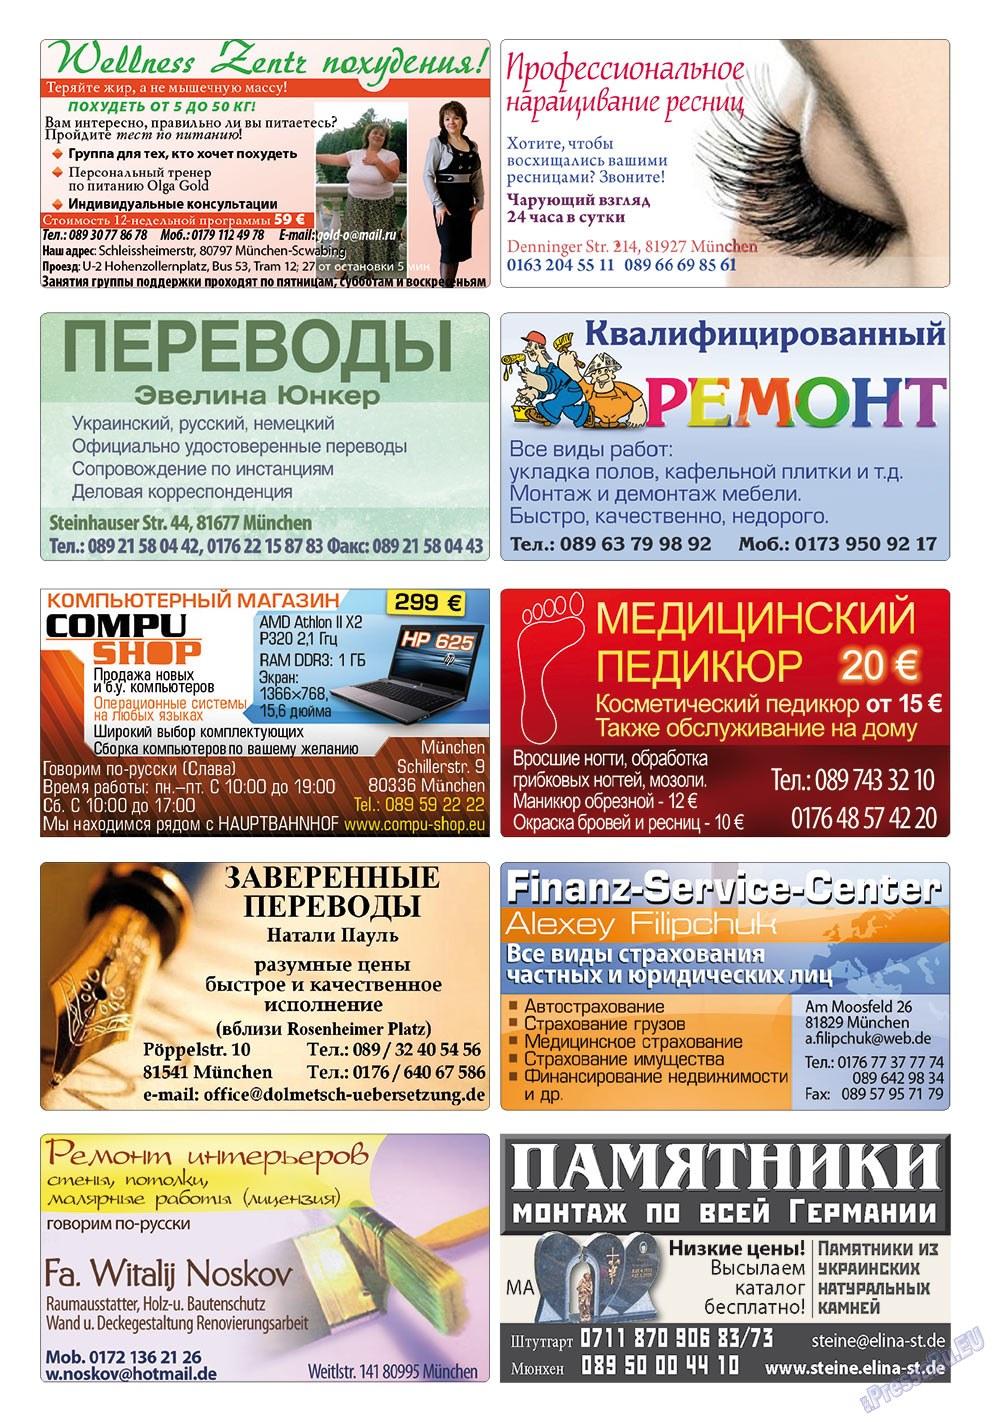 Апельсин (журнал). 2011 год, номер 26, стр. 41